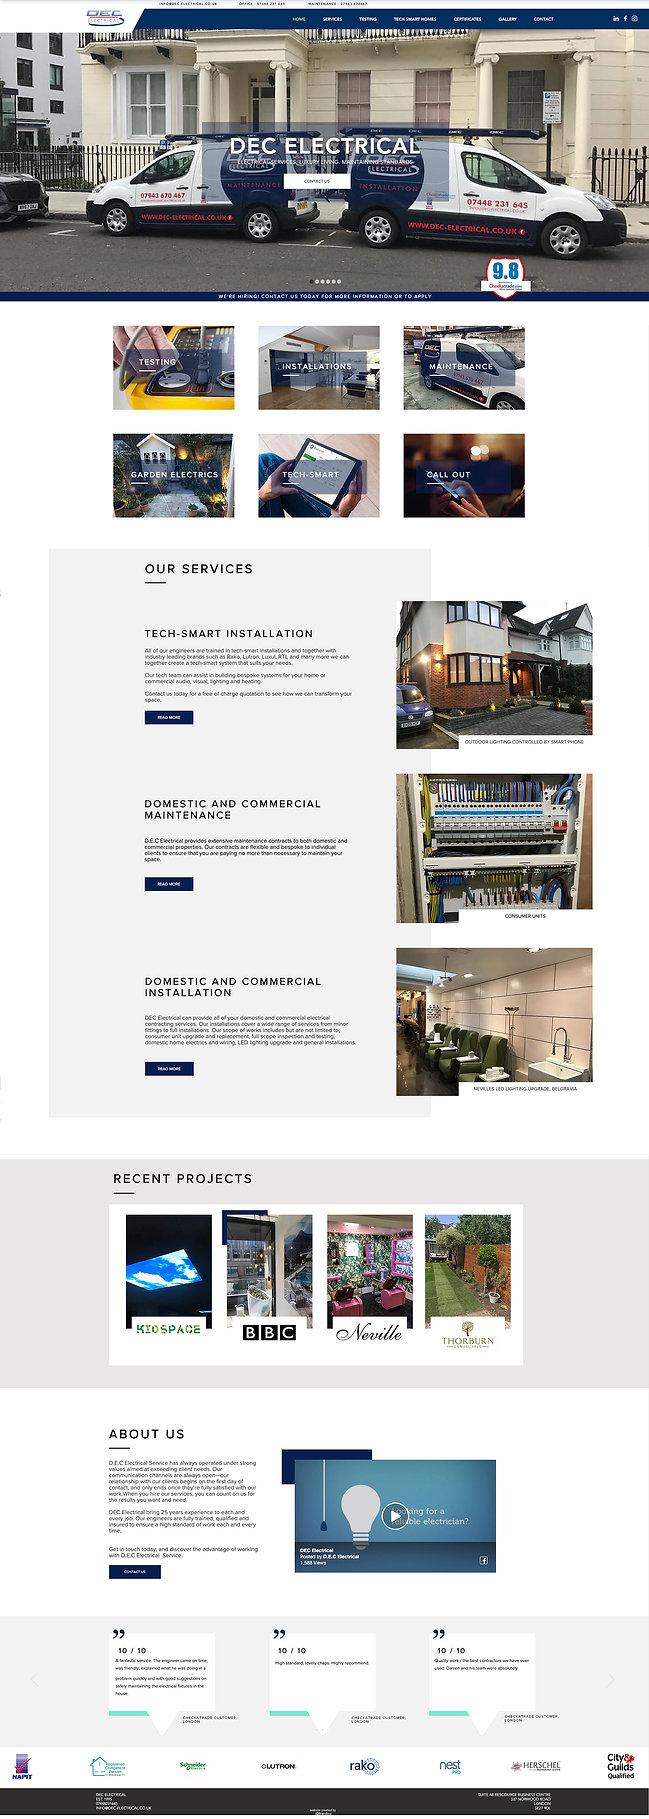 DEC Electrical Website Homepage.jpg